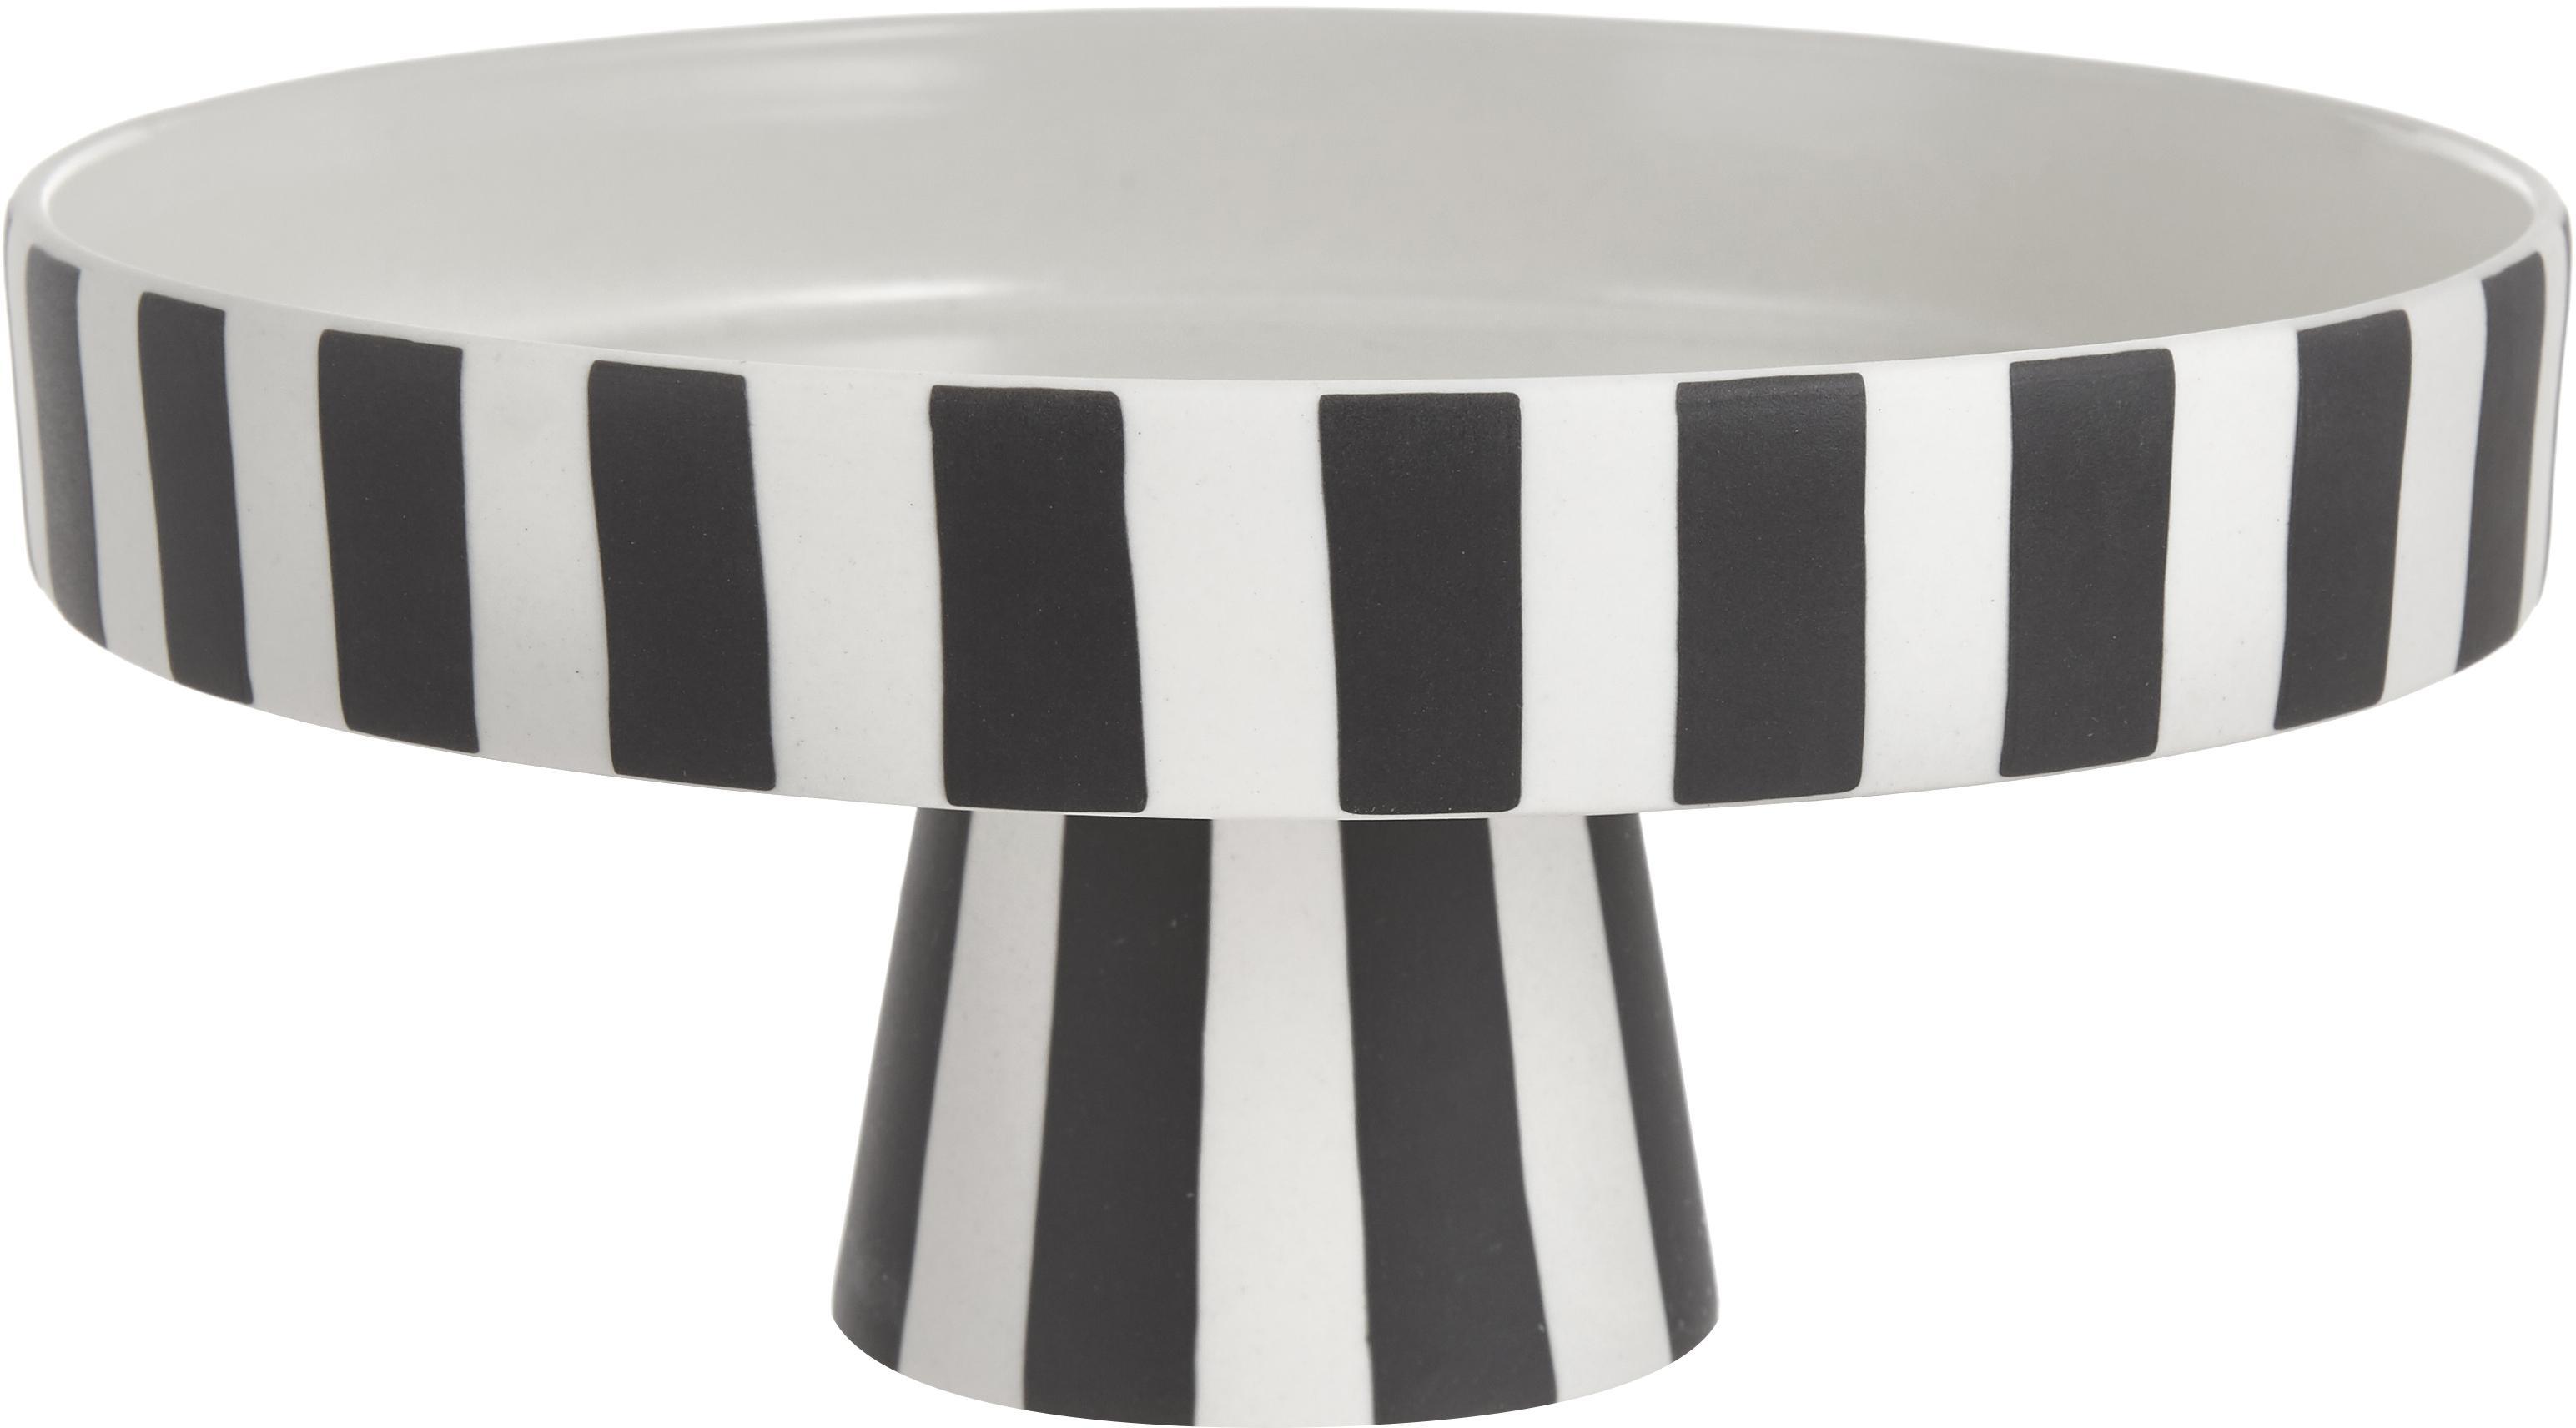 Servierplatte Toppu im Streifendesign, Keramik, Weiß, Schwarz, Ø 20 x H 9 cm